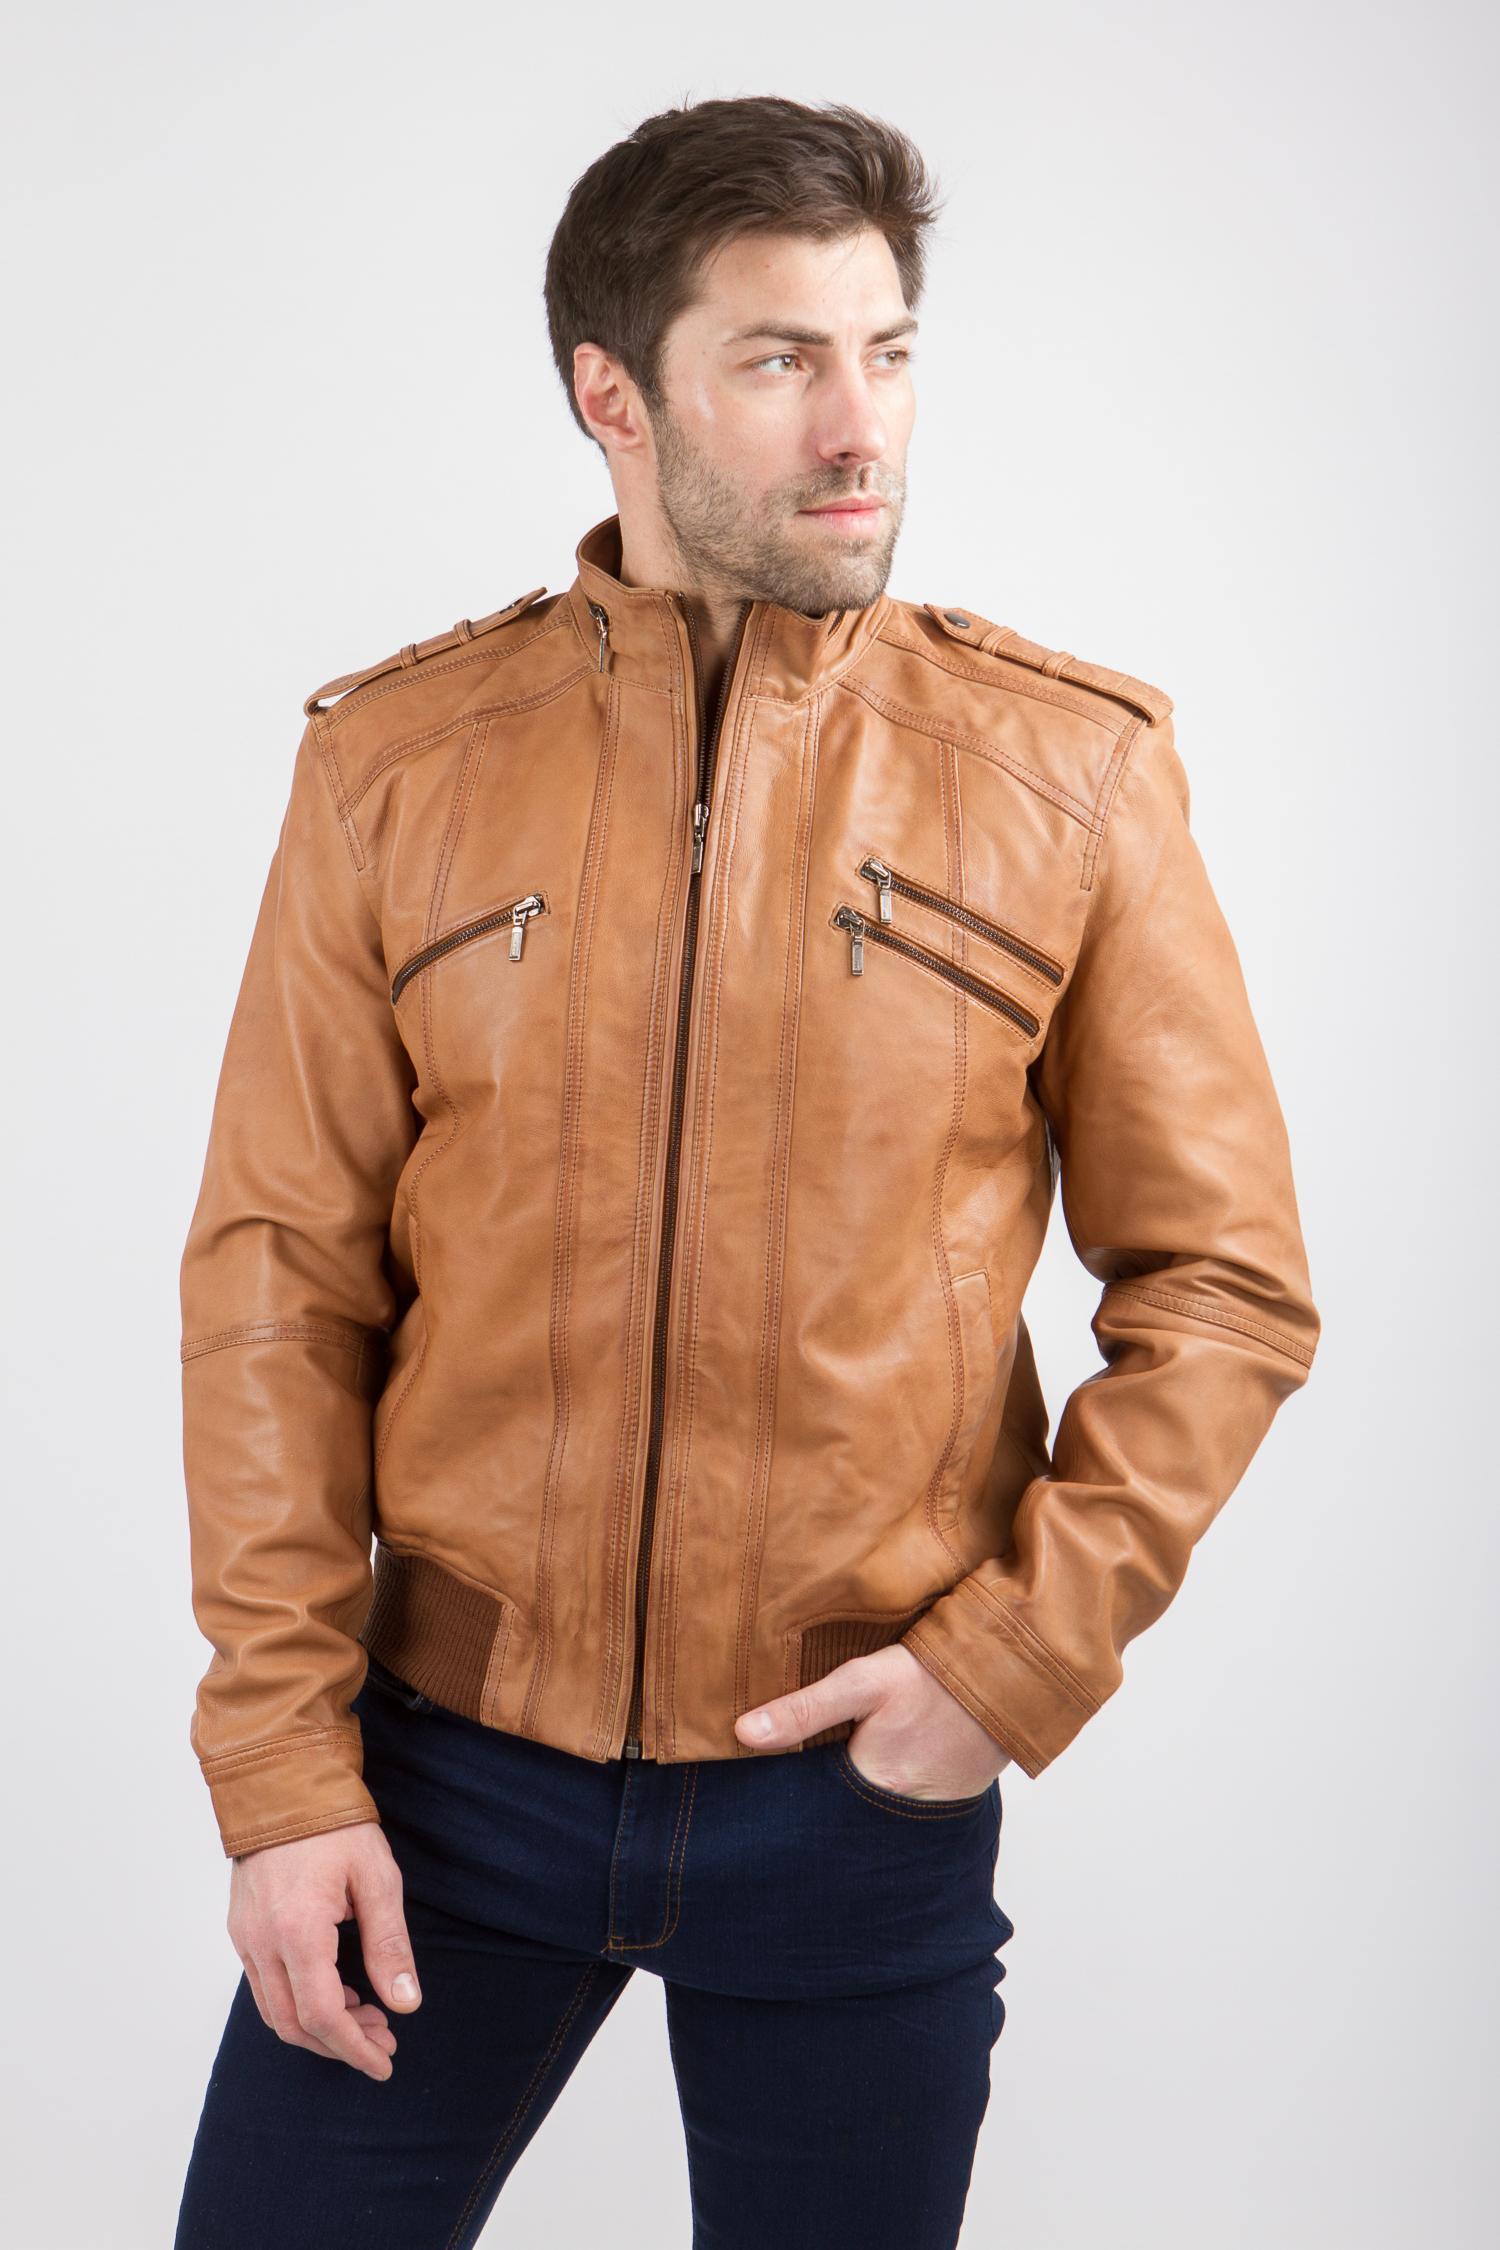 Мужская кожаная куртка из натуральной кожи с воротником, без отделки<br><br>Воротник: стойка<br>Длина см: Короткая (51-74 )<br>Материал: Кожа овчина<br>Цвет: бежевый<br>Вид застежки: центральная<br>Застежка: на молнии<br>Пол: Мужской<br>Размер RU: 62